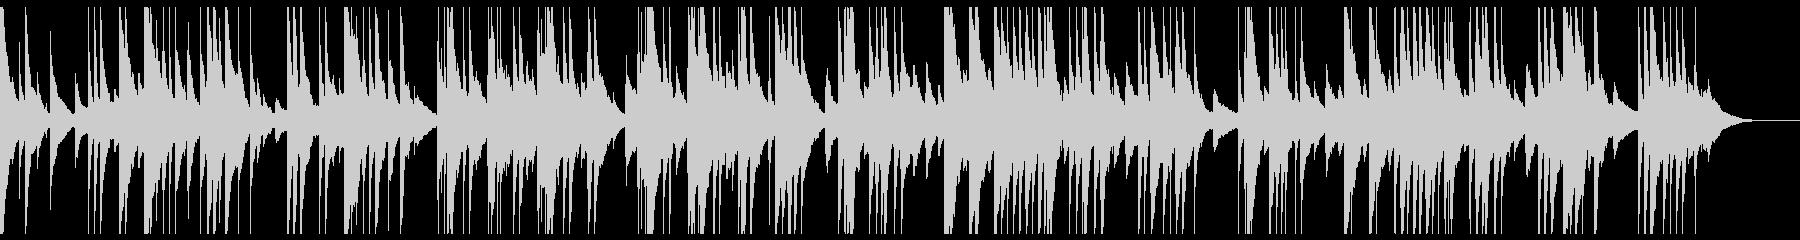 オルゴールで感動的・切ないバラードの未再生の波形